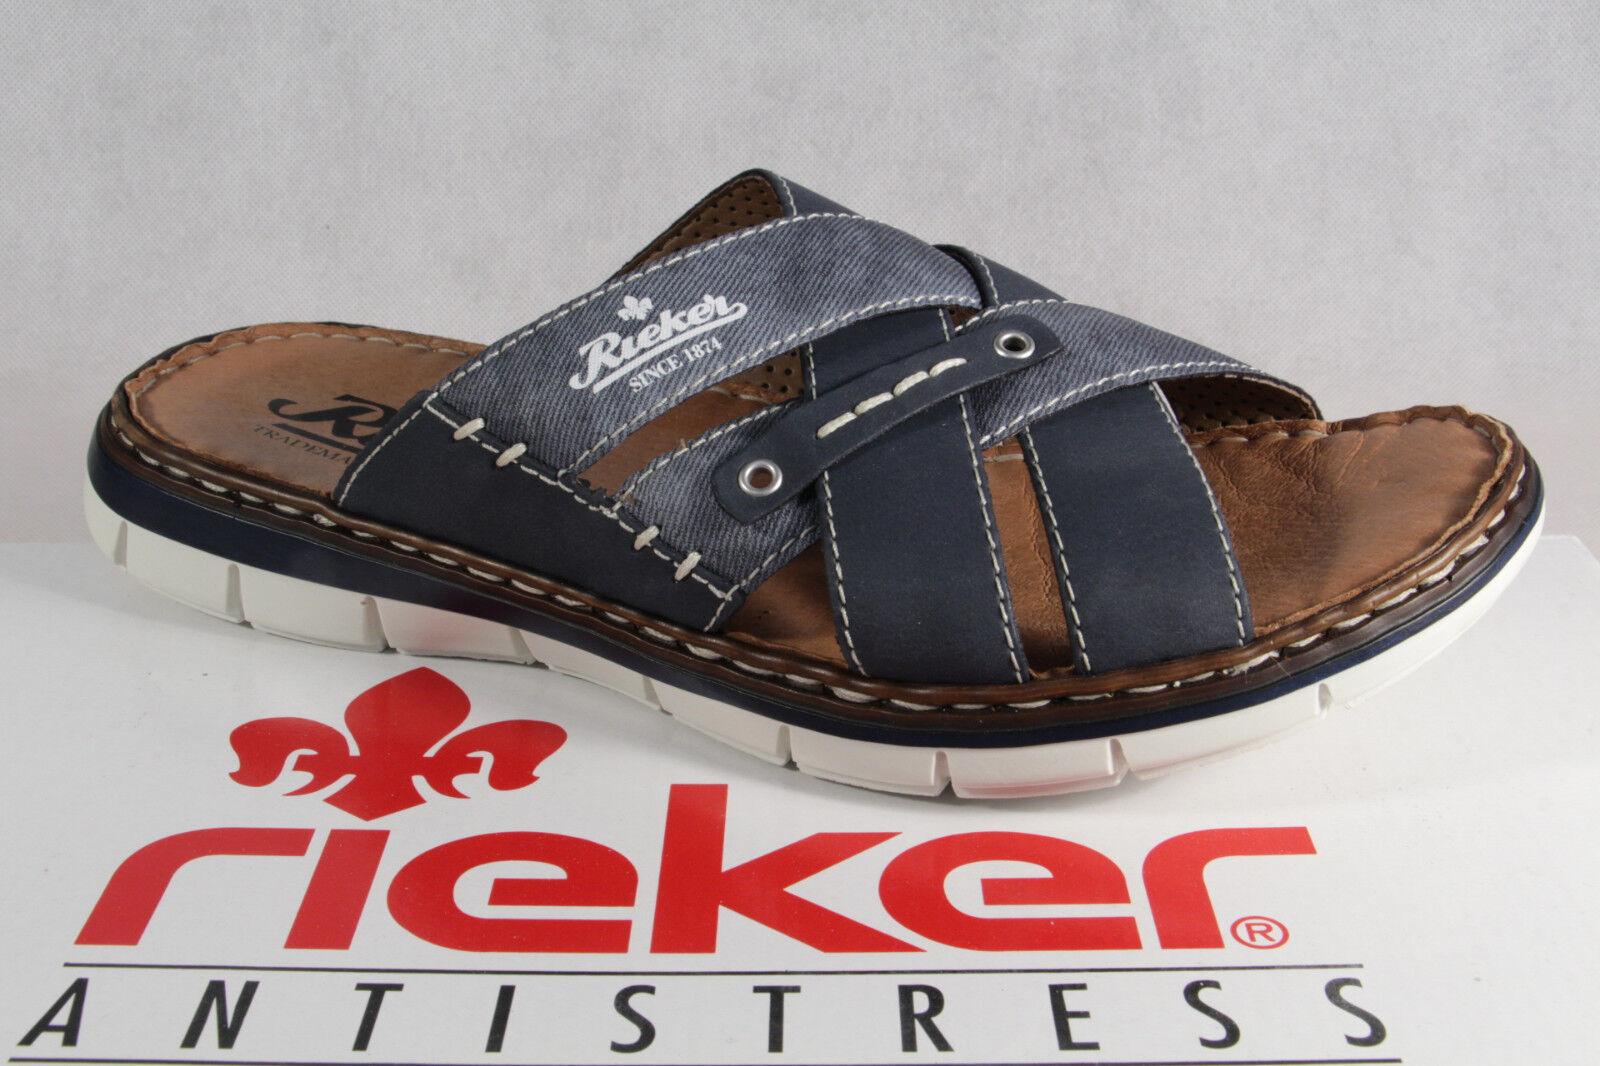 Sandali e scarpe per il mare da uomo Rieker Sandali Ciabatte Zoccoli Pantofola Pantofole Blu 25199 Nuovo